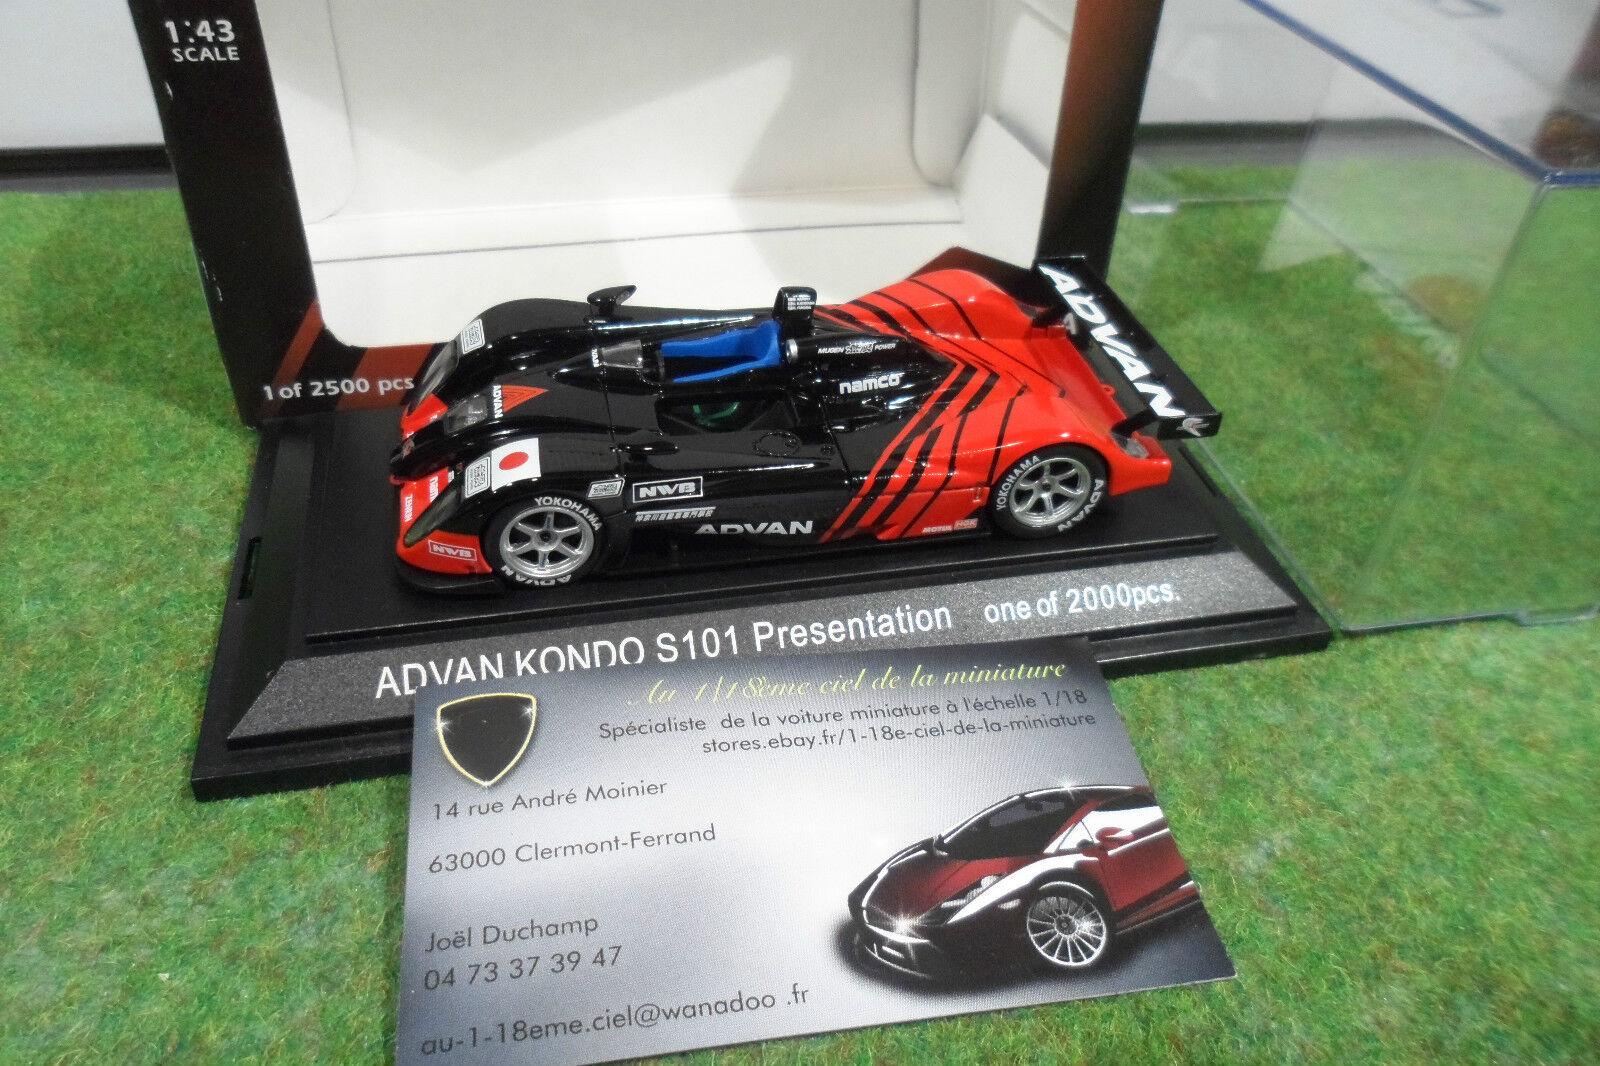 Hay más marcas de productos de alta calidad. ADVAN KONDO DOME S101 MUGEN MUGEN MUGEN LE MANS 2003 echell 1 43 EBBRO 492 voiture miniature  descuento online